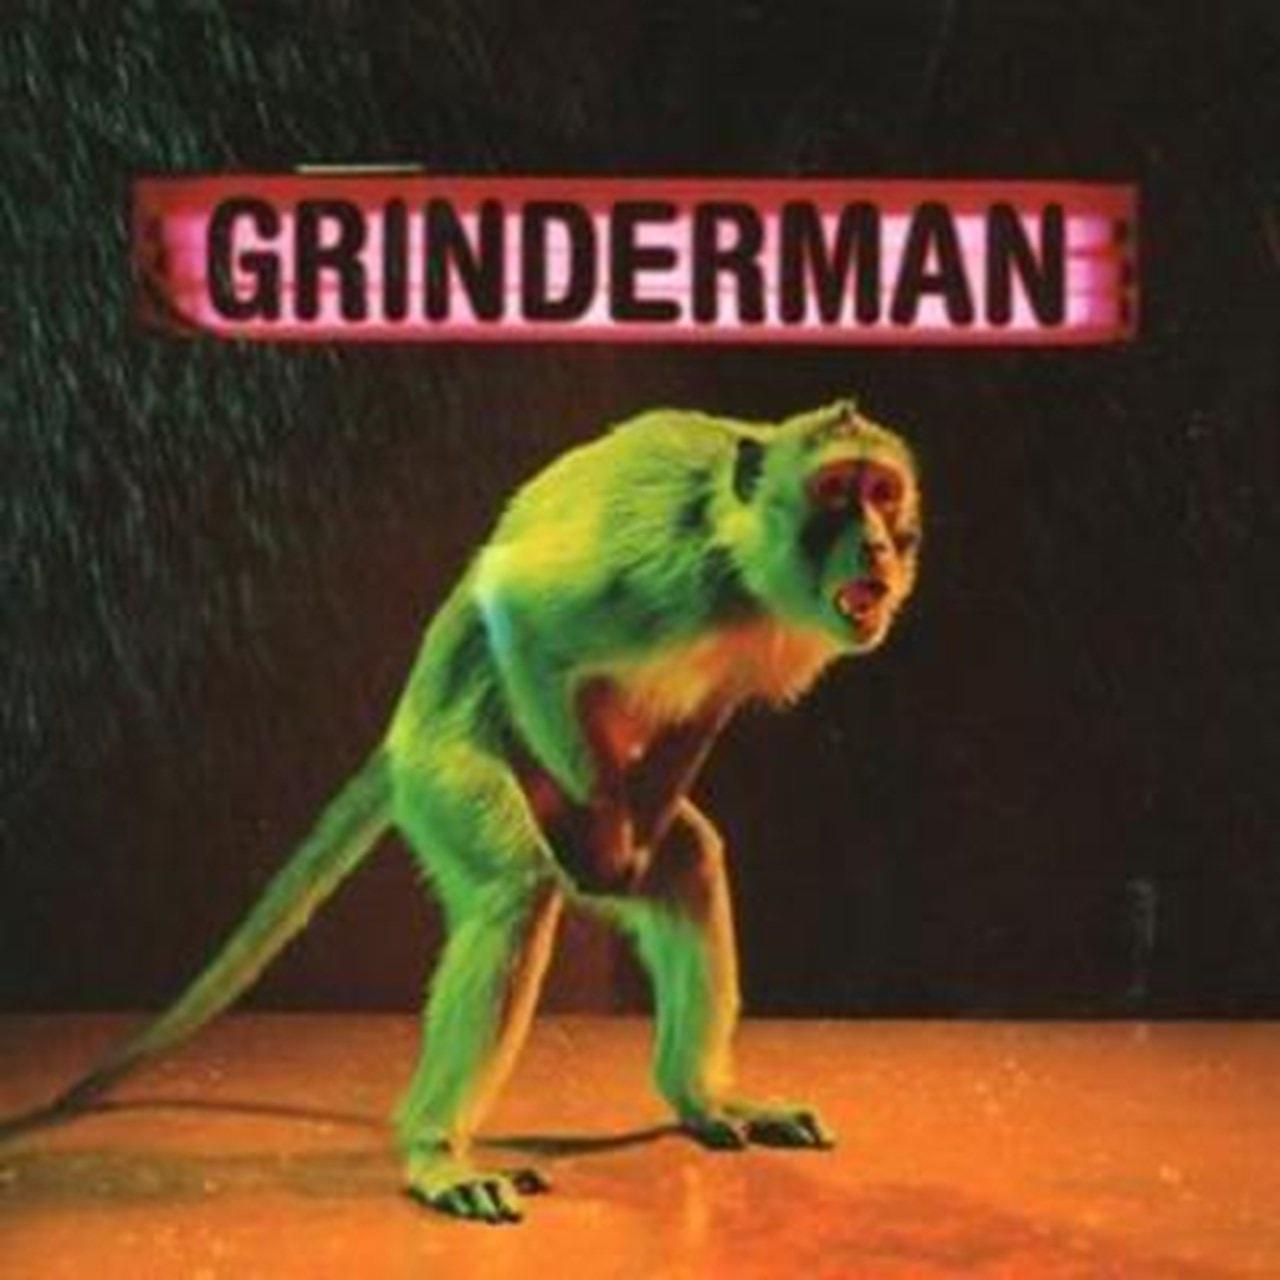 Grinderman - 1